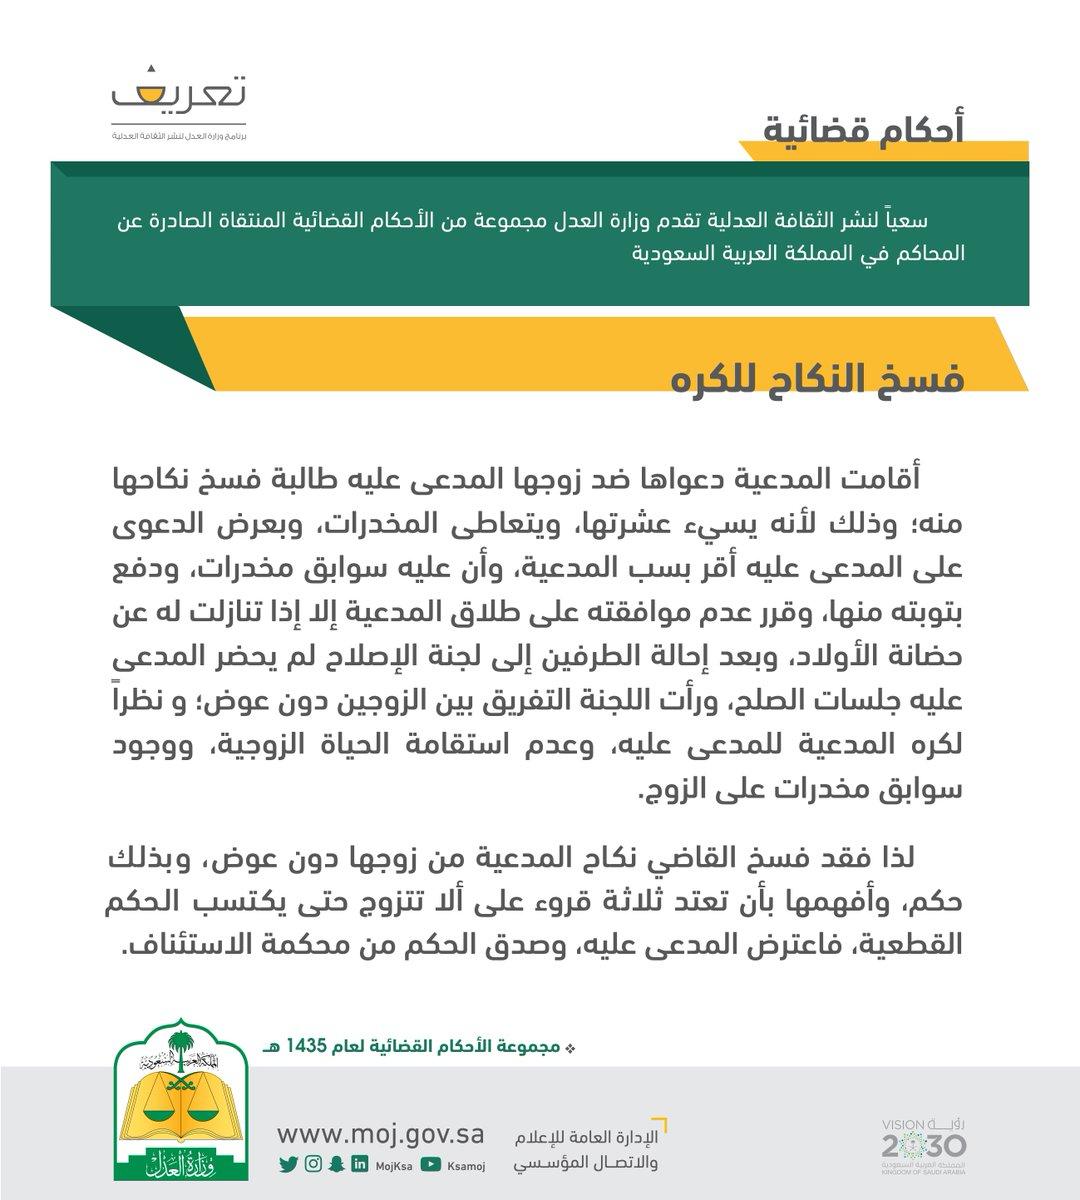 وزارة العدل Pa Twitter أحكام قضائية فسخ النكاح للكره